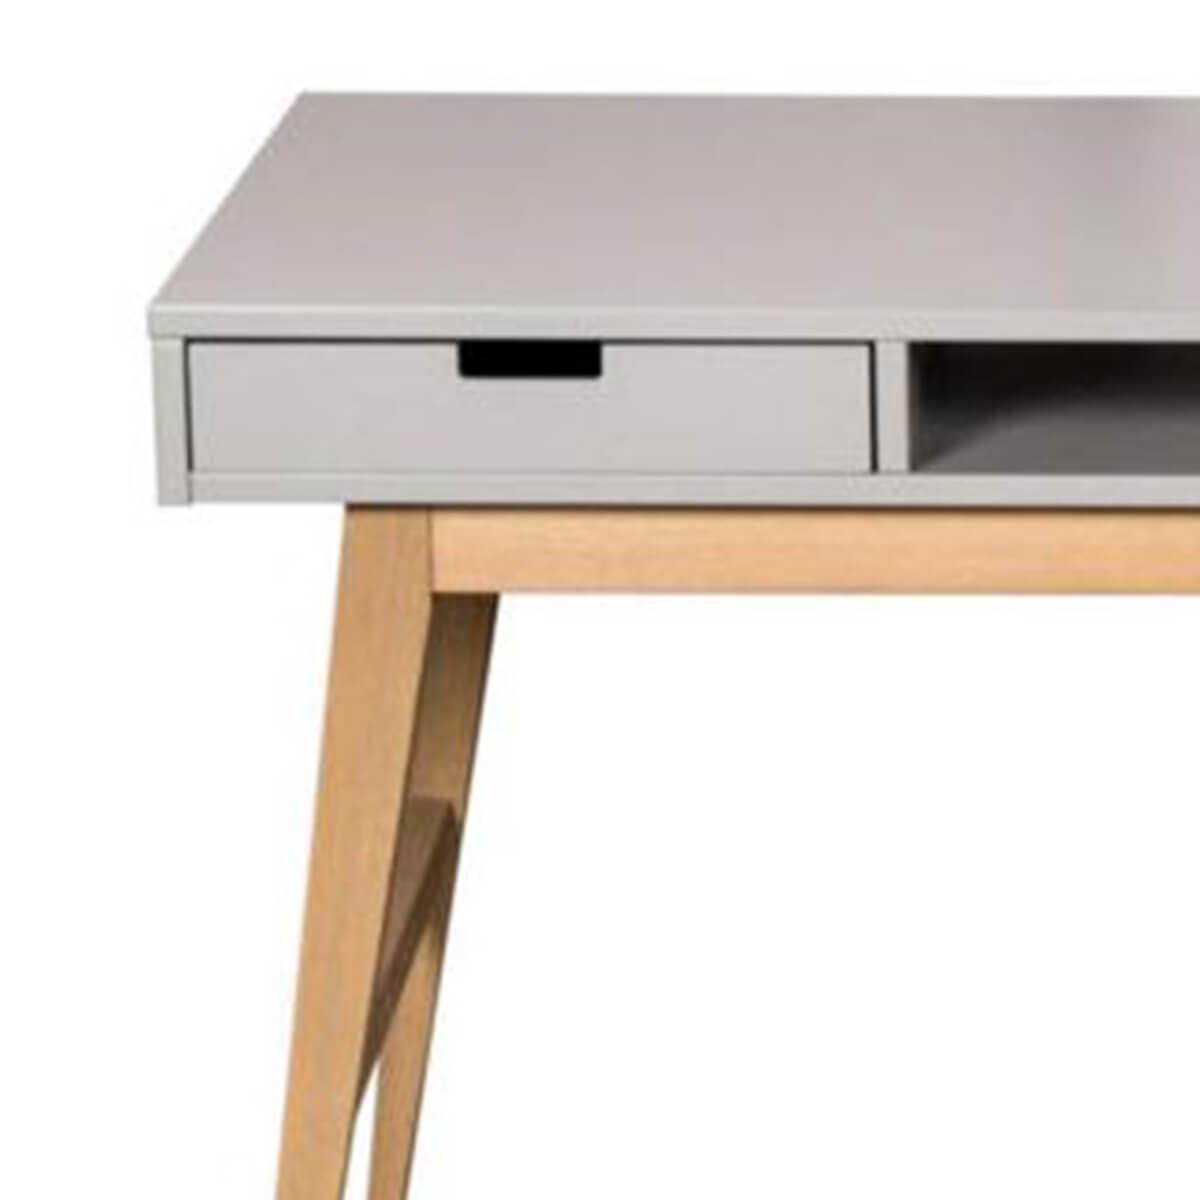 Cajón escritorio-mesita de noche TRENDY Quax griffin grey